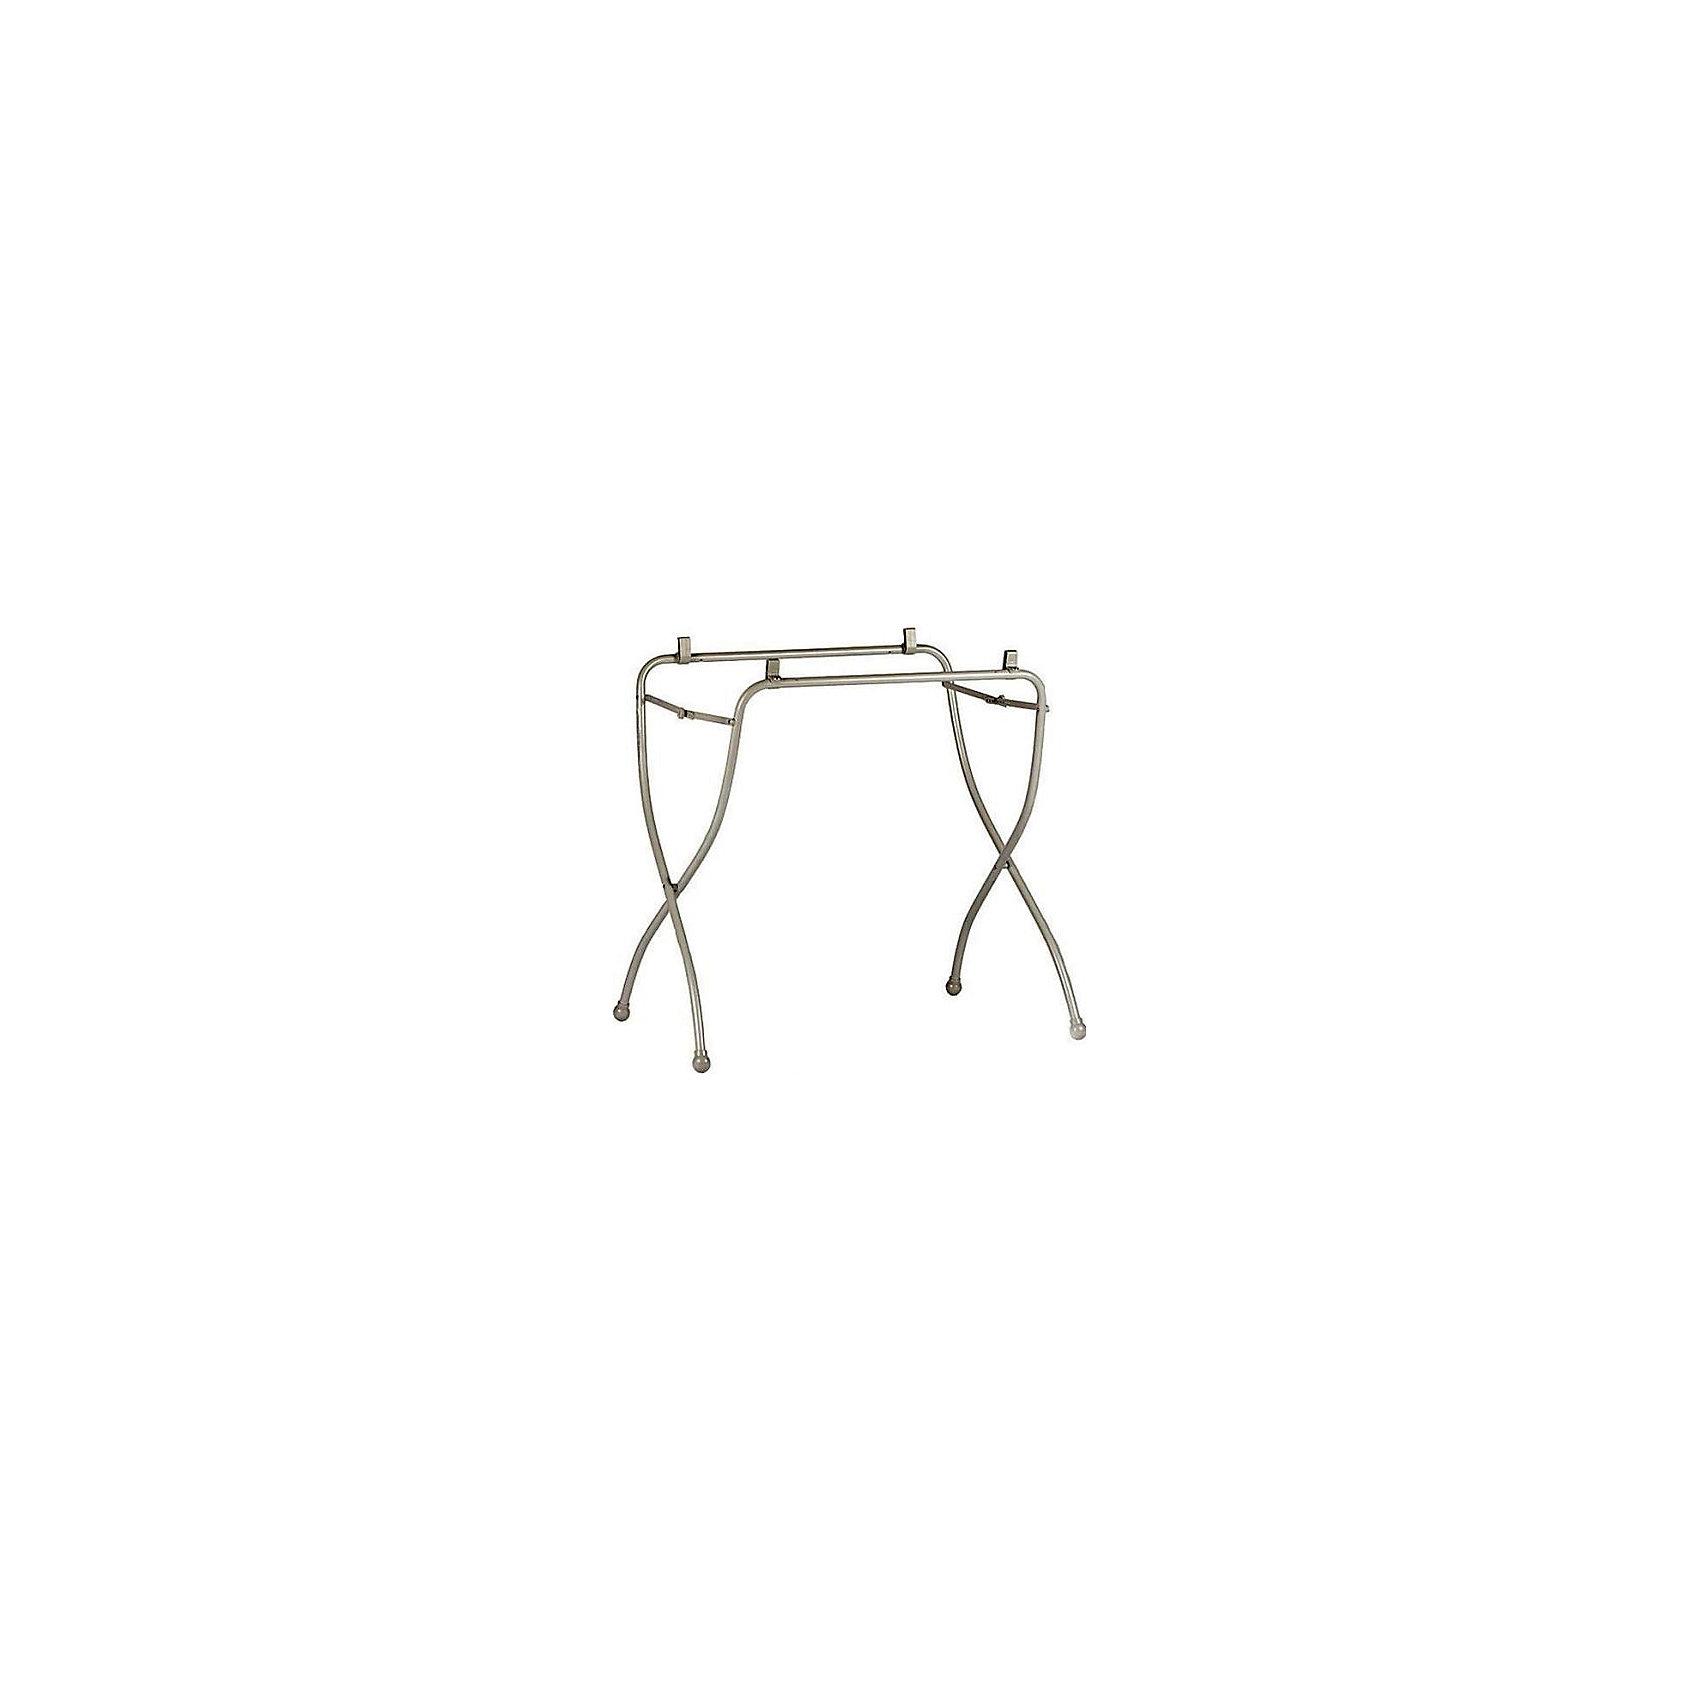 Подставка для ванночки Stand Universale, CAMСтальная подставка от известного итальянского бренда CAM подходит для ванночек различных размеров. Легкая, компактная модель, с которой подготовка к купанию малыша не займет много времени. Возможность регулировки ширины самой конструкции и ножек делает подставку действительно универсальной.<br><br>Дополнительная информация:<br><br>- Материал: сталь.<br>- Размер в разобранном виде: 91х39х75 см.<br>- Размер в собранном виде: 91х20х97 см.<br>- Регулировка высота ножек.<br>- Регулировка по ширине.<br>- Быстро складывается, занимает мало места в сложенном виде. <br><br>Подставку для ванночки Stand Universale, CAM можно купить в нашем магазине.<br><br>Ширина мм: 1047<br>Глубина мм: 247<br>Высота мм: 1005<br>Вес г: 3500<br>Возраст от месяцев: 0<br>Возраст до месяцев: 12<br>Пол: Унисекс<br>Возраст: Детский<br>SKU: 4443744